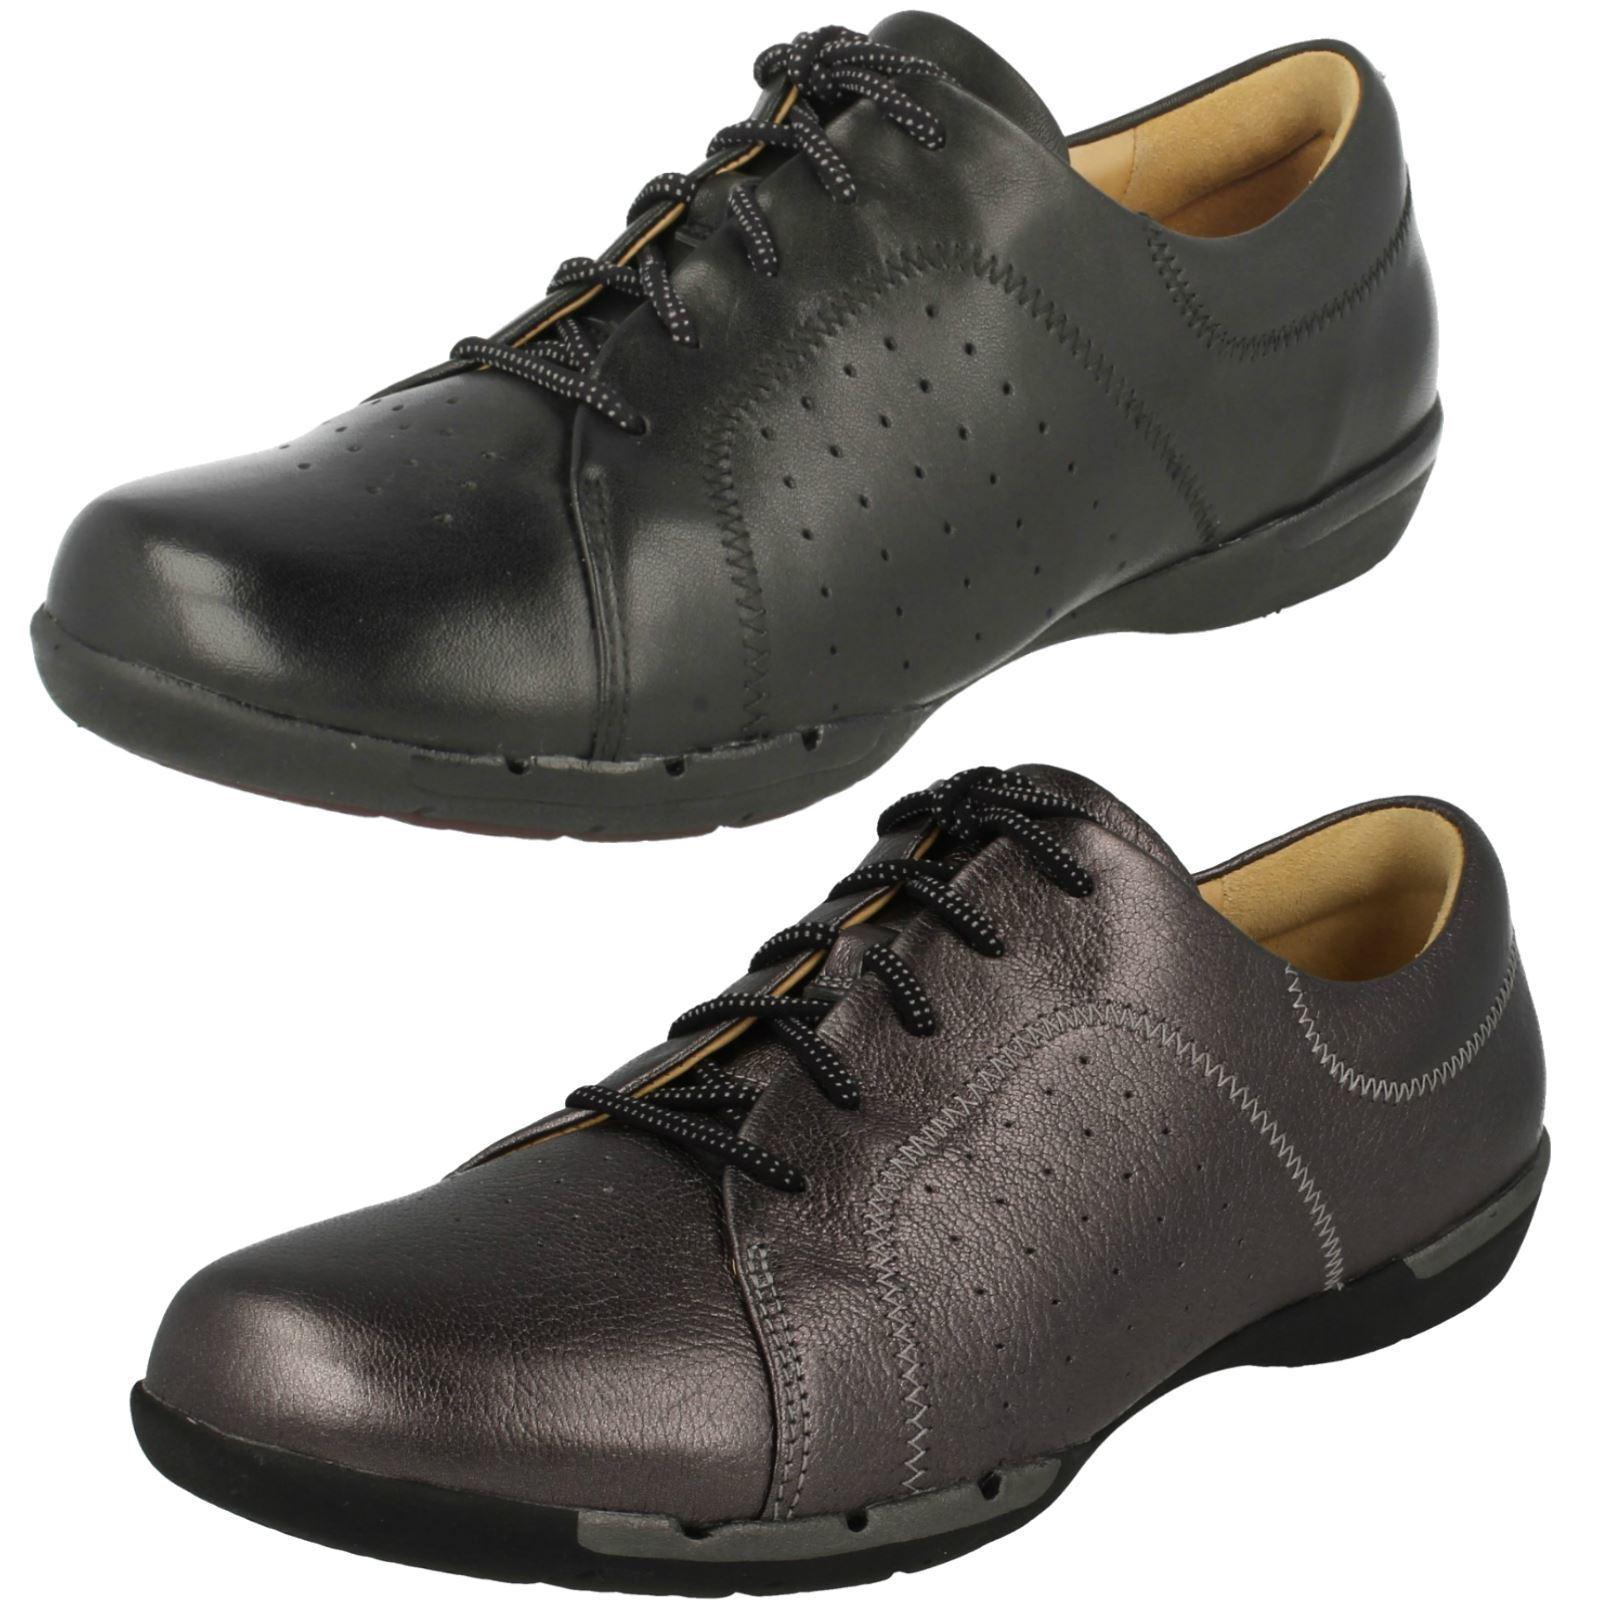 Ladies Clarks Lace Up shoes Un Honey